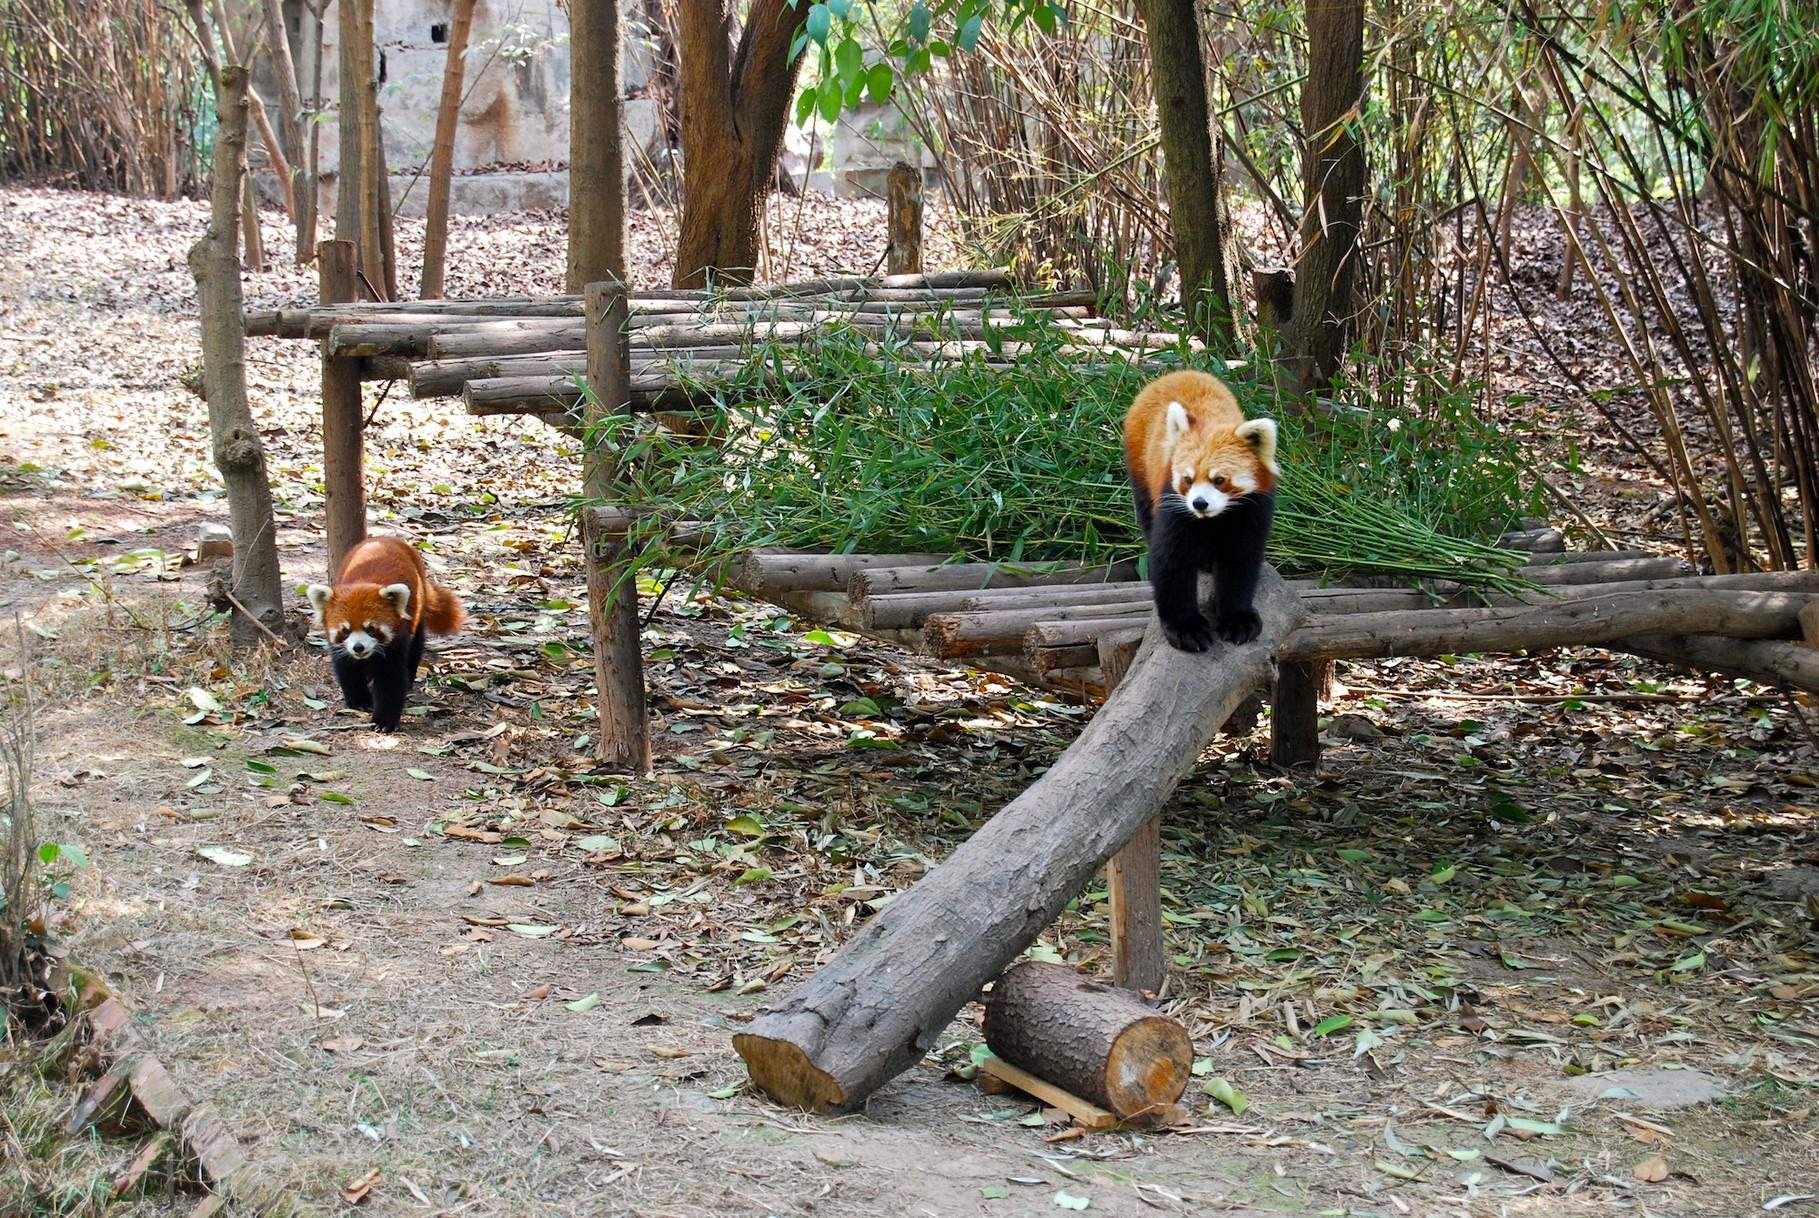 Braune Pandas